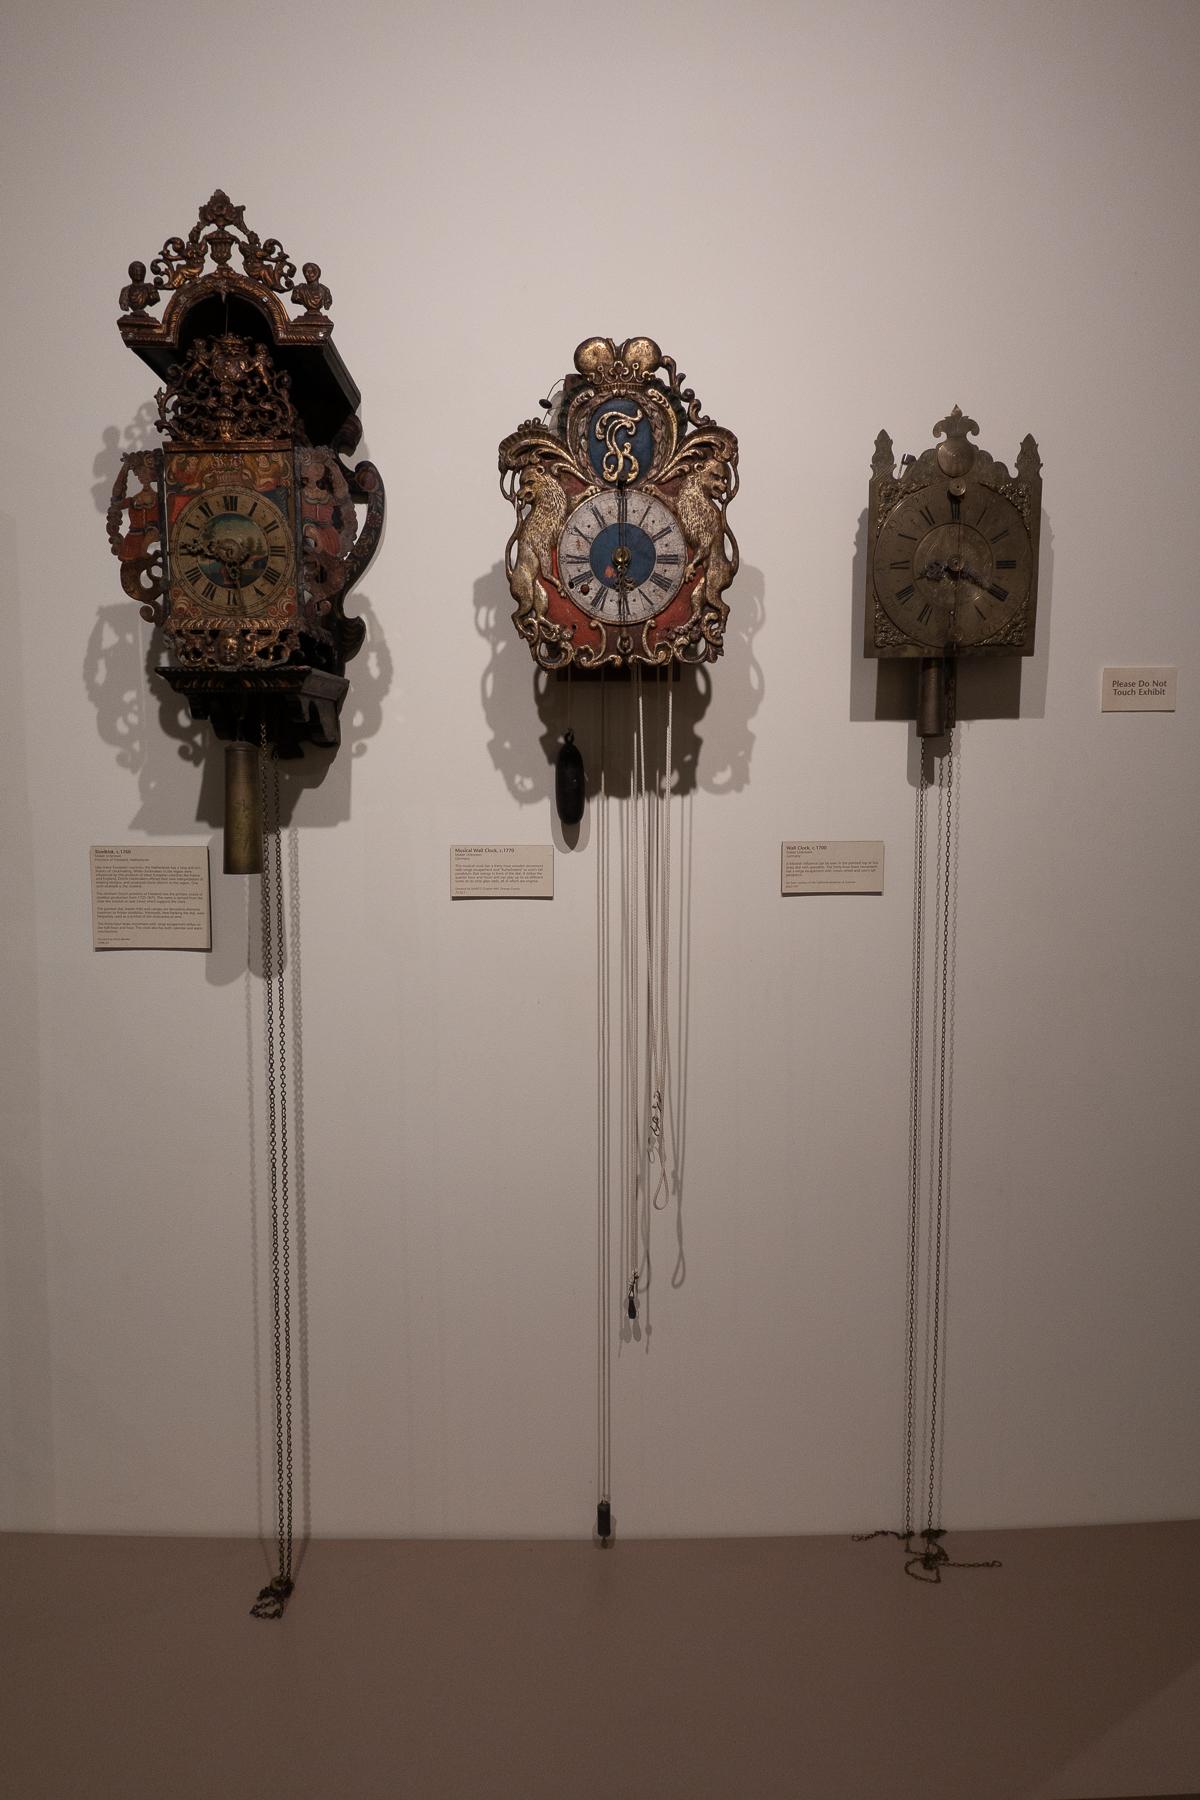 Early Wall Clocks